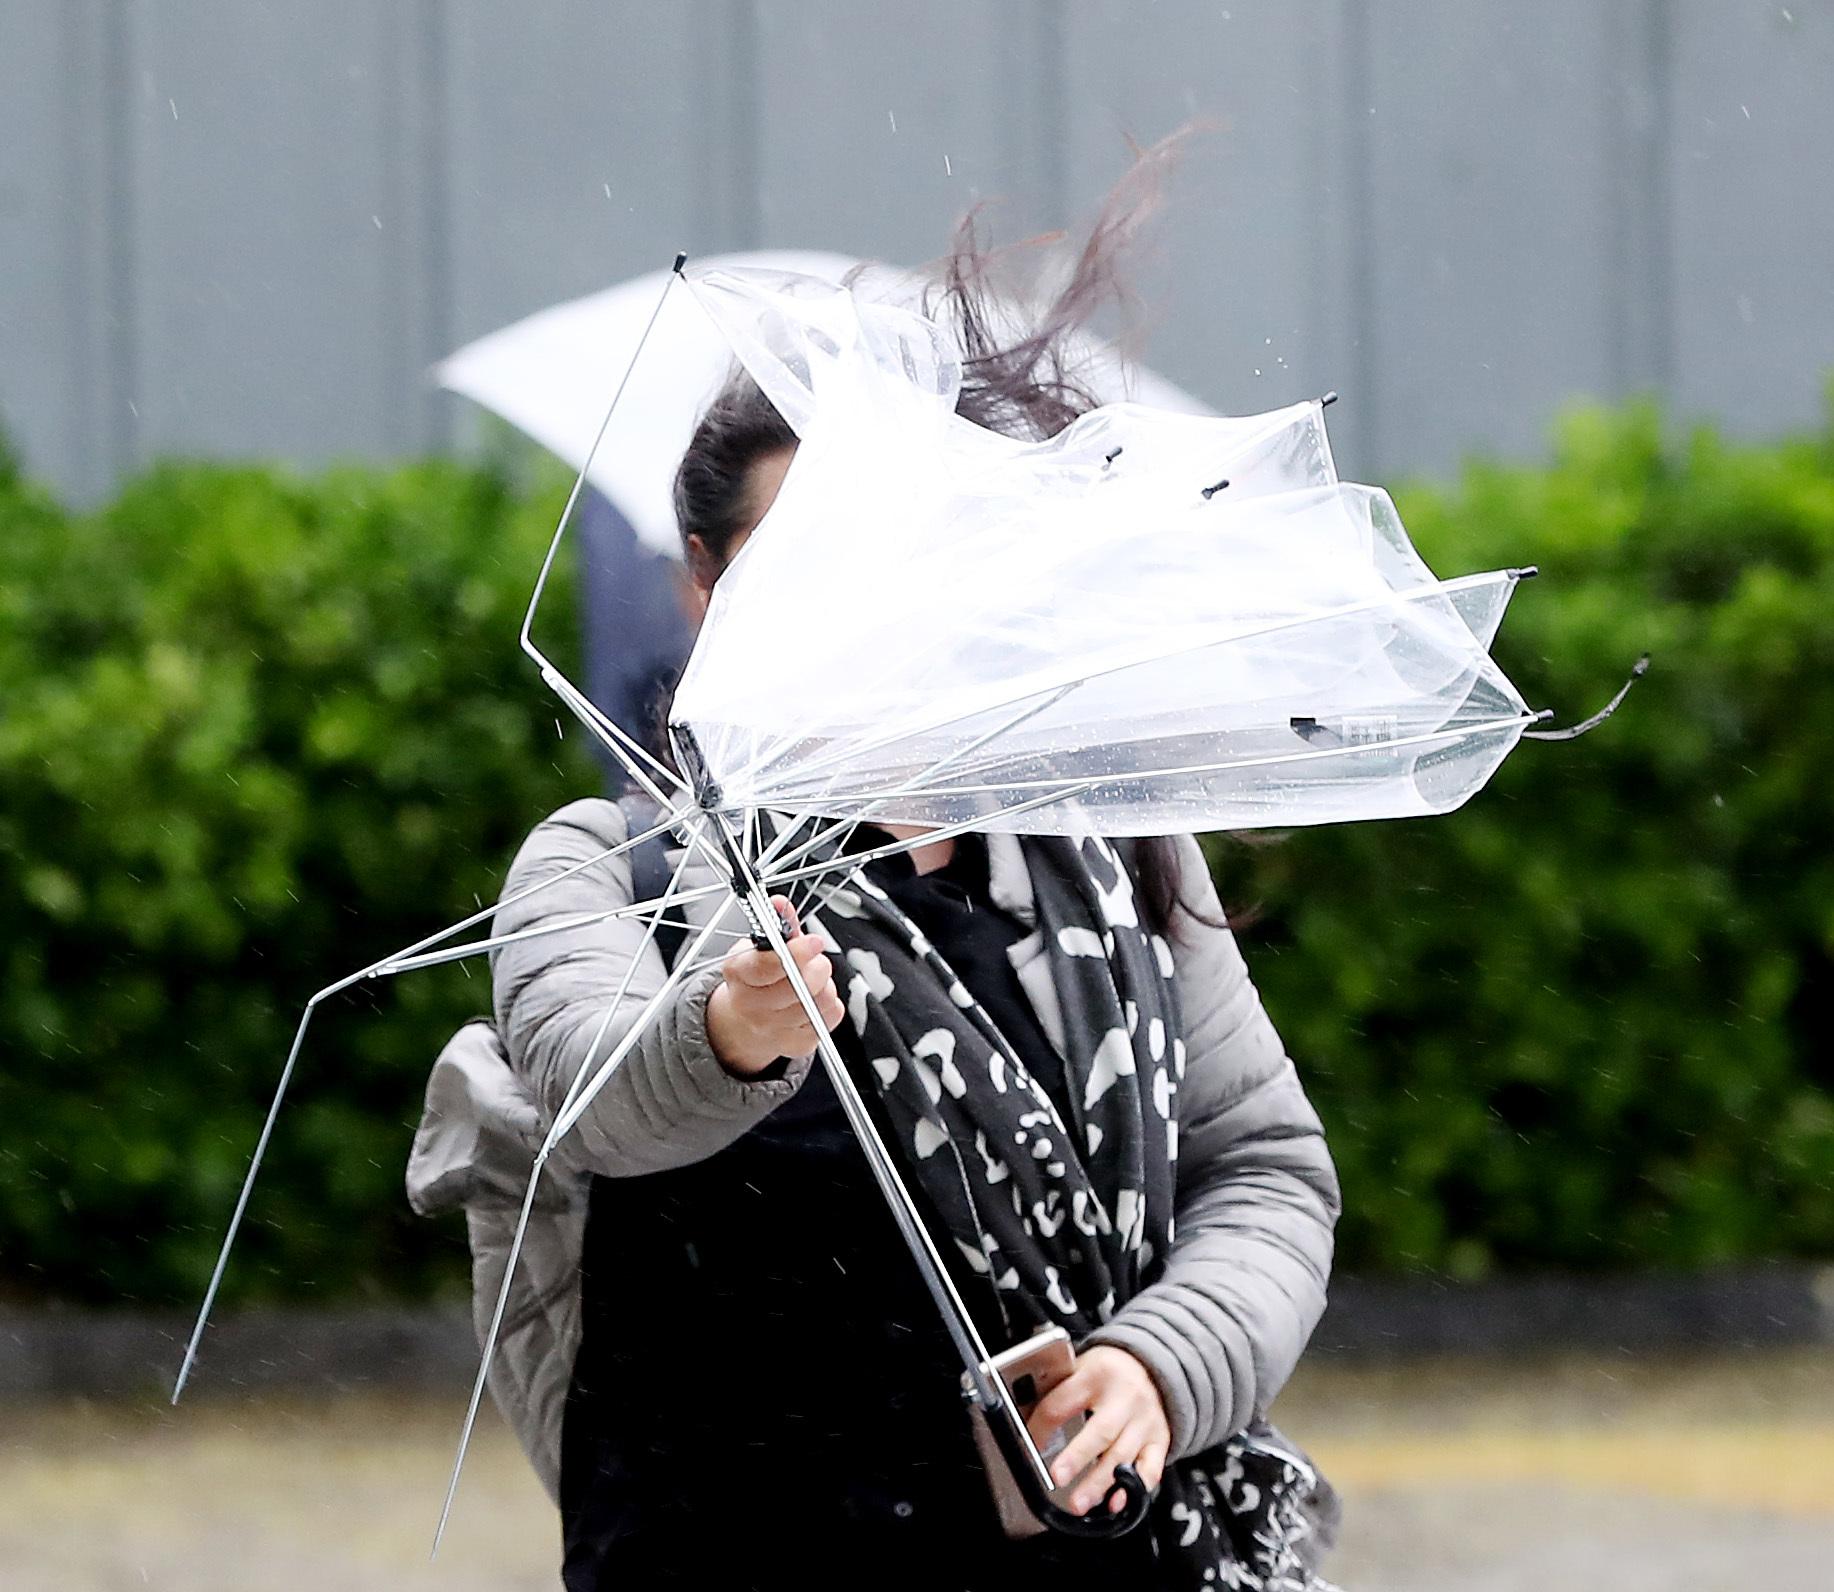 전국 대부분 지역에 비가 내린 23일 오전 서울 외교부 인근에서 한 시민이 갑자기 불어온 돌풍에 비닐이 거의 다 벗겨진 우산을 잡고 건널목을 건너고 있다. 우상조 기자